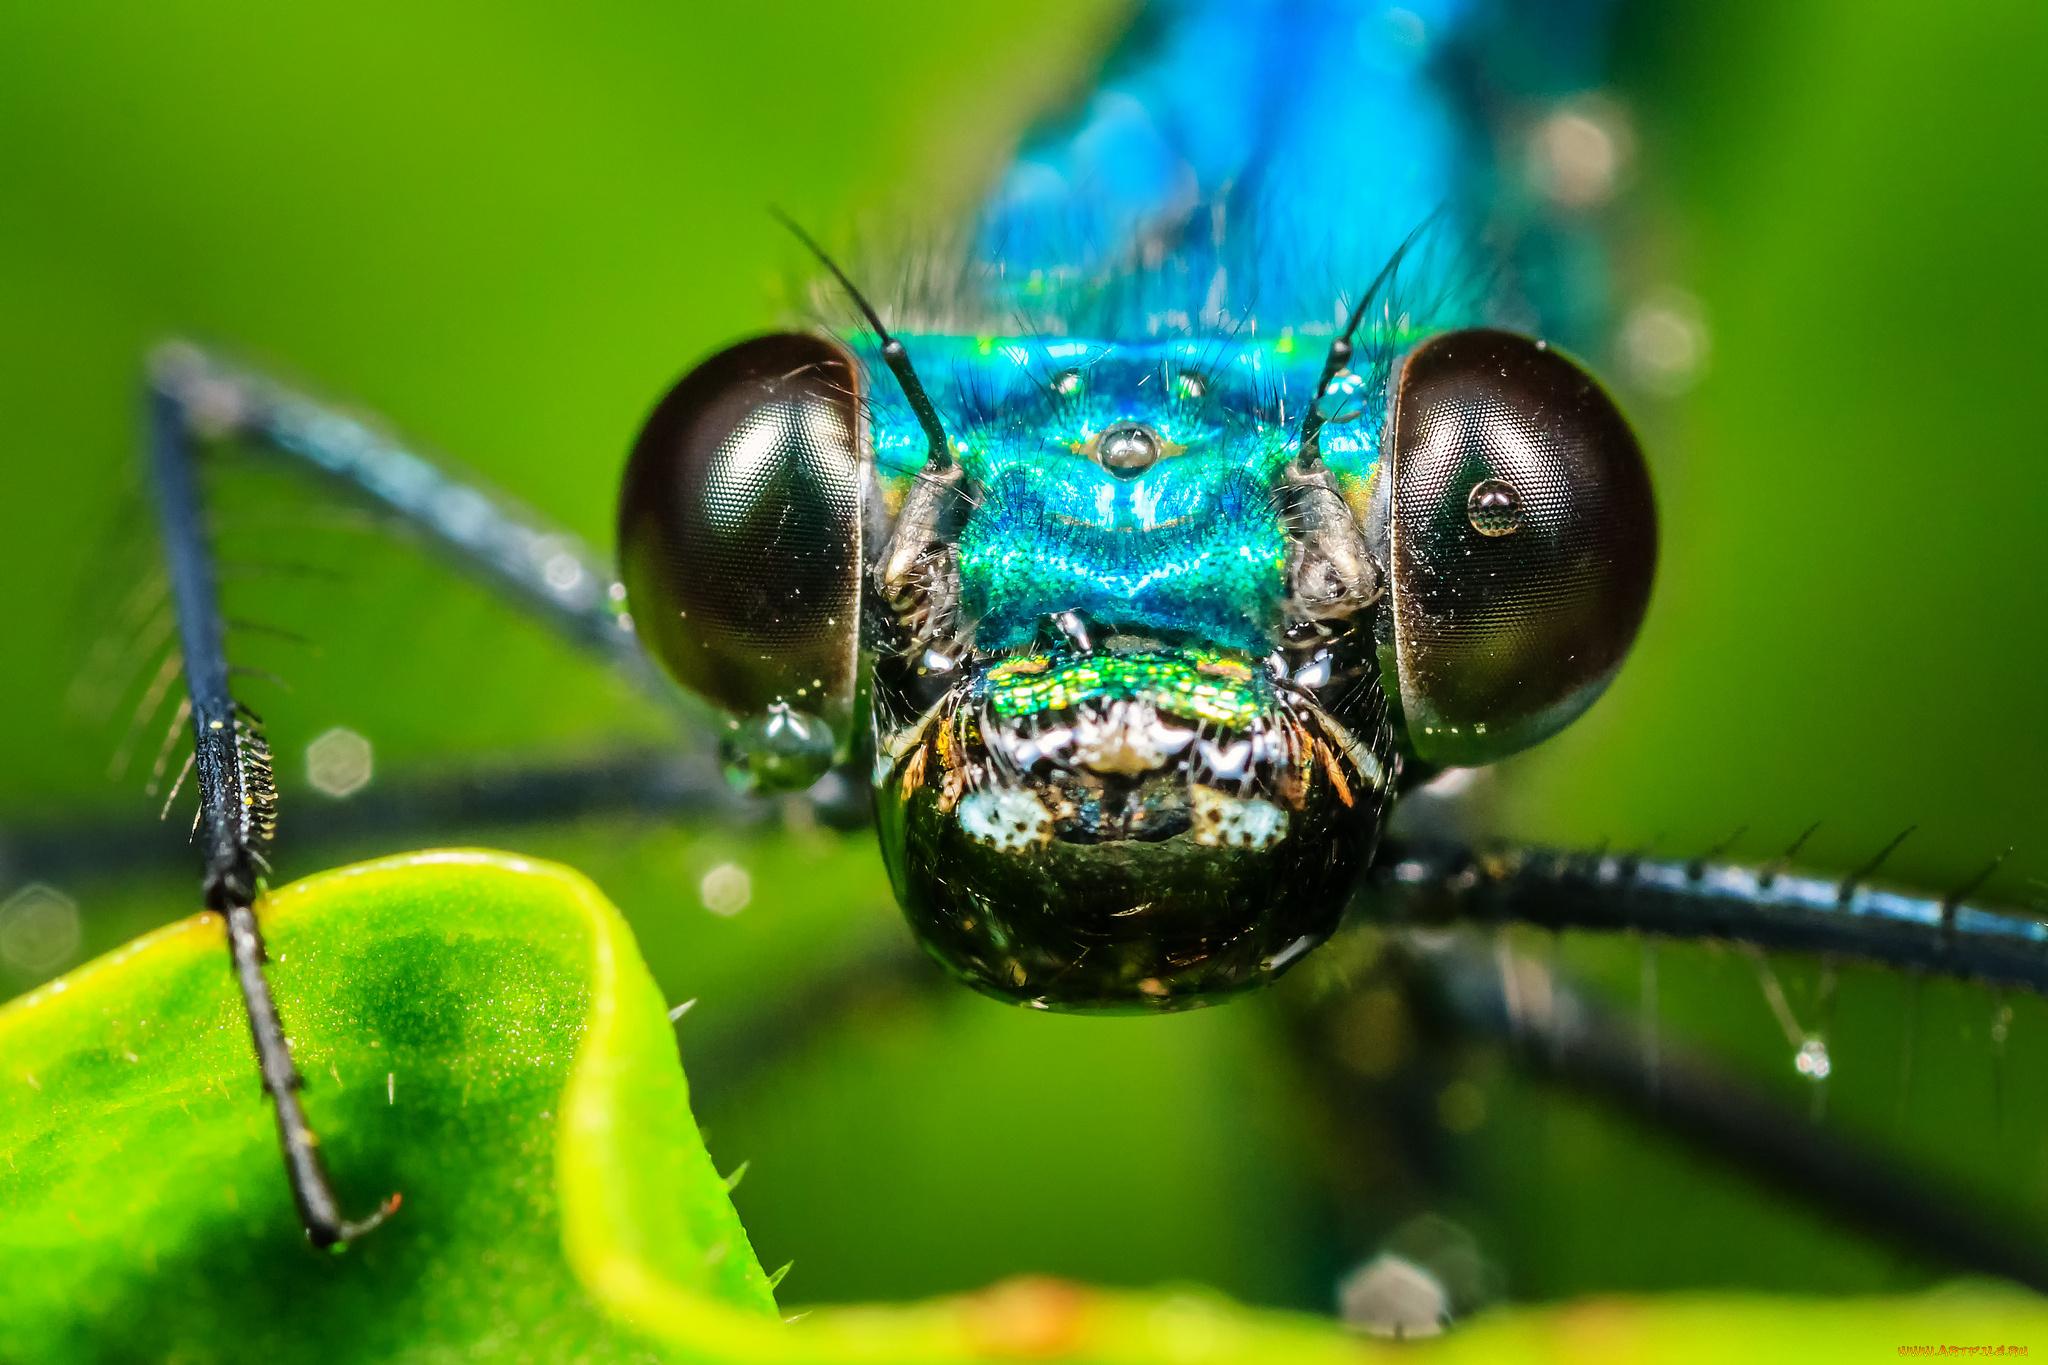 природа макро насекомое глаза бесплатно